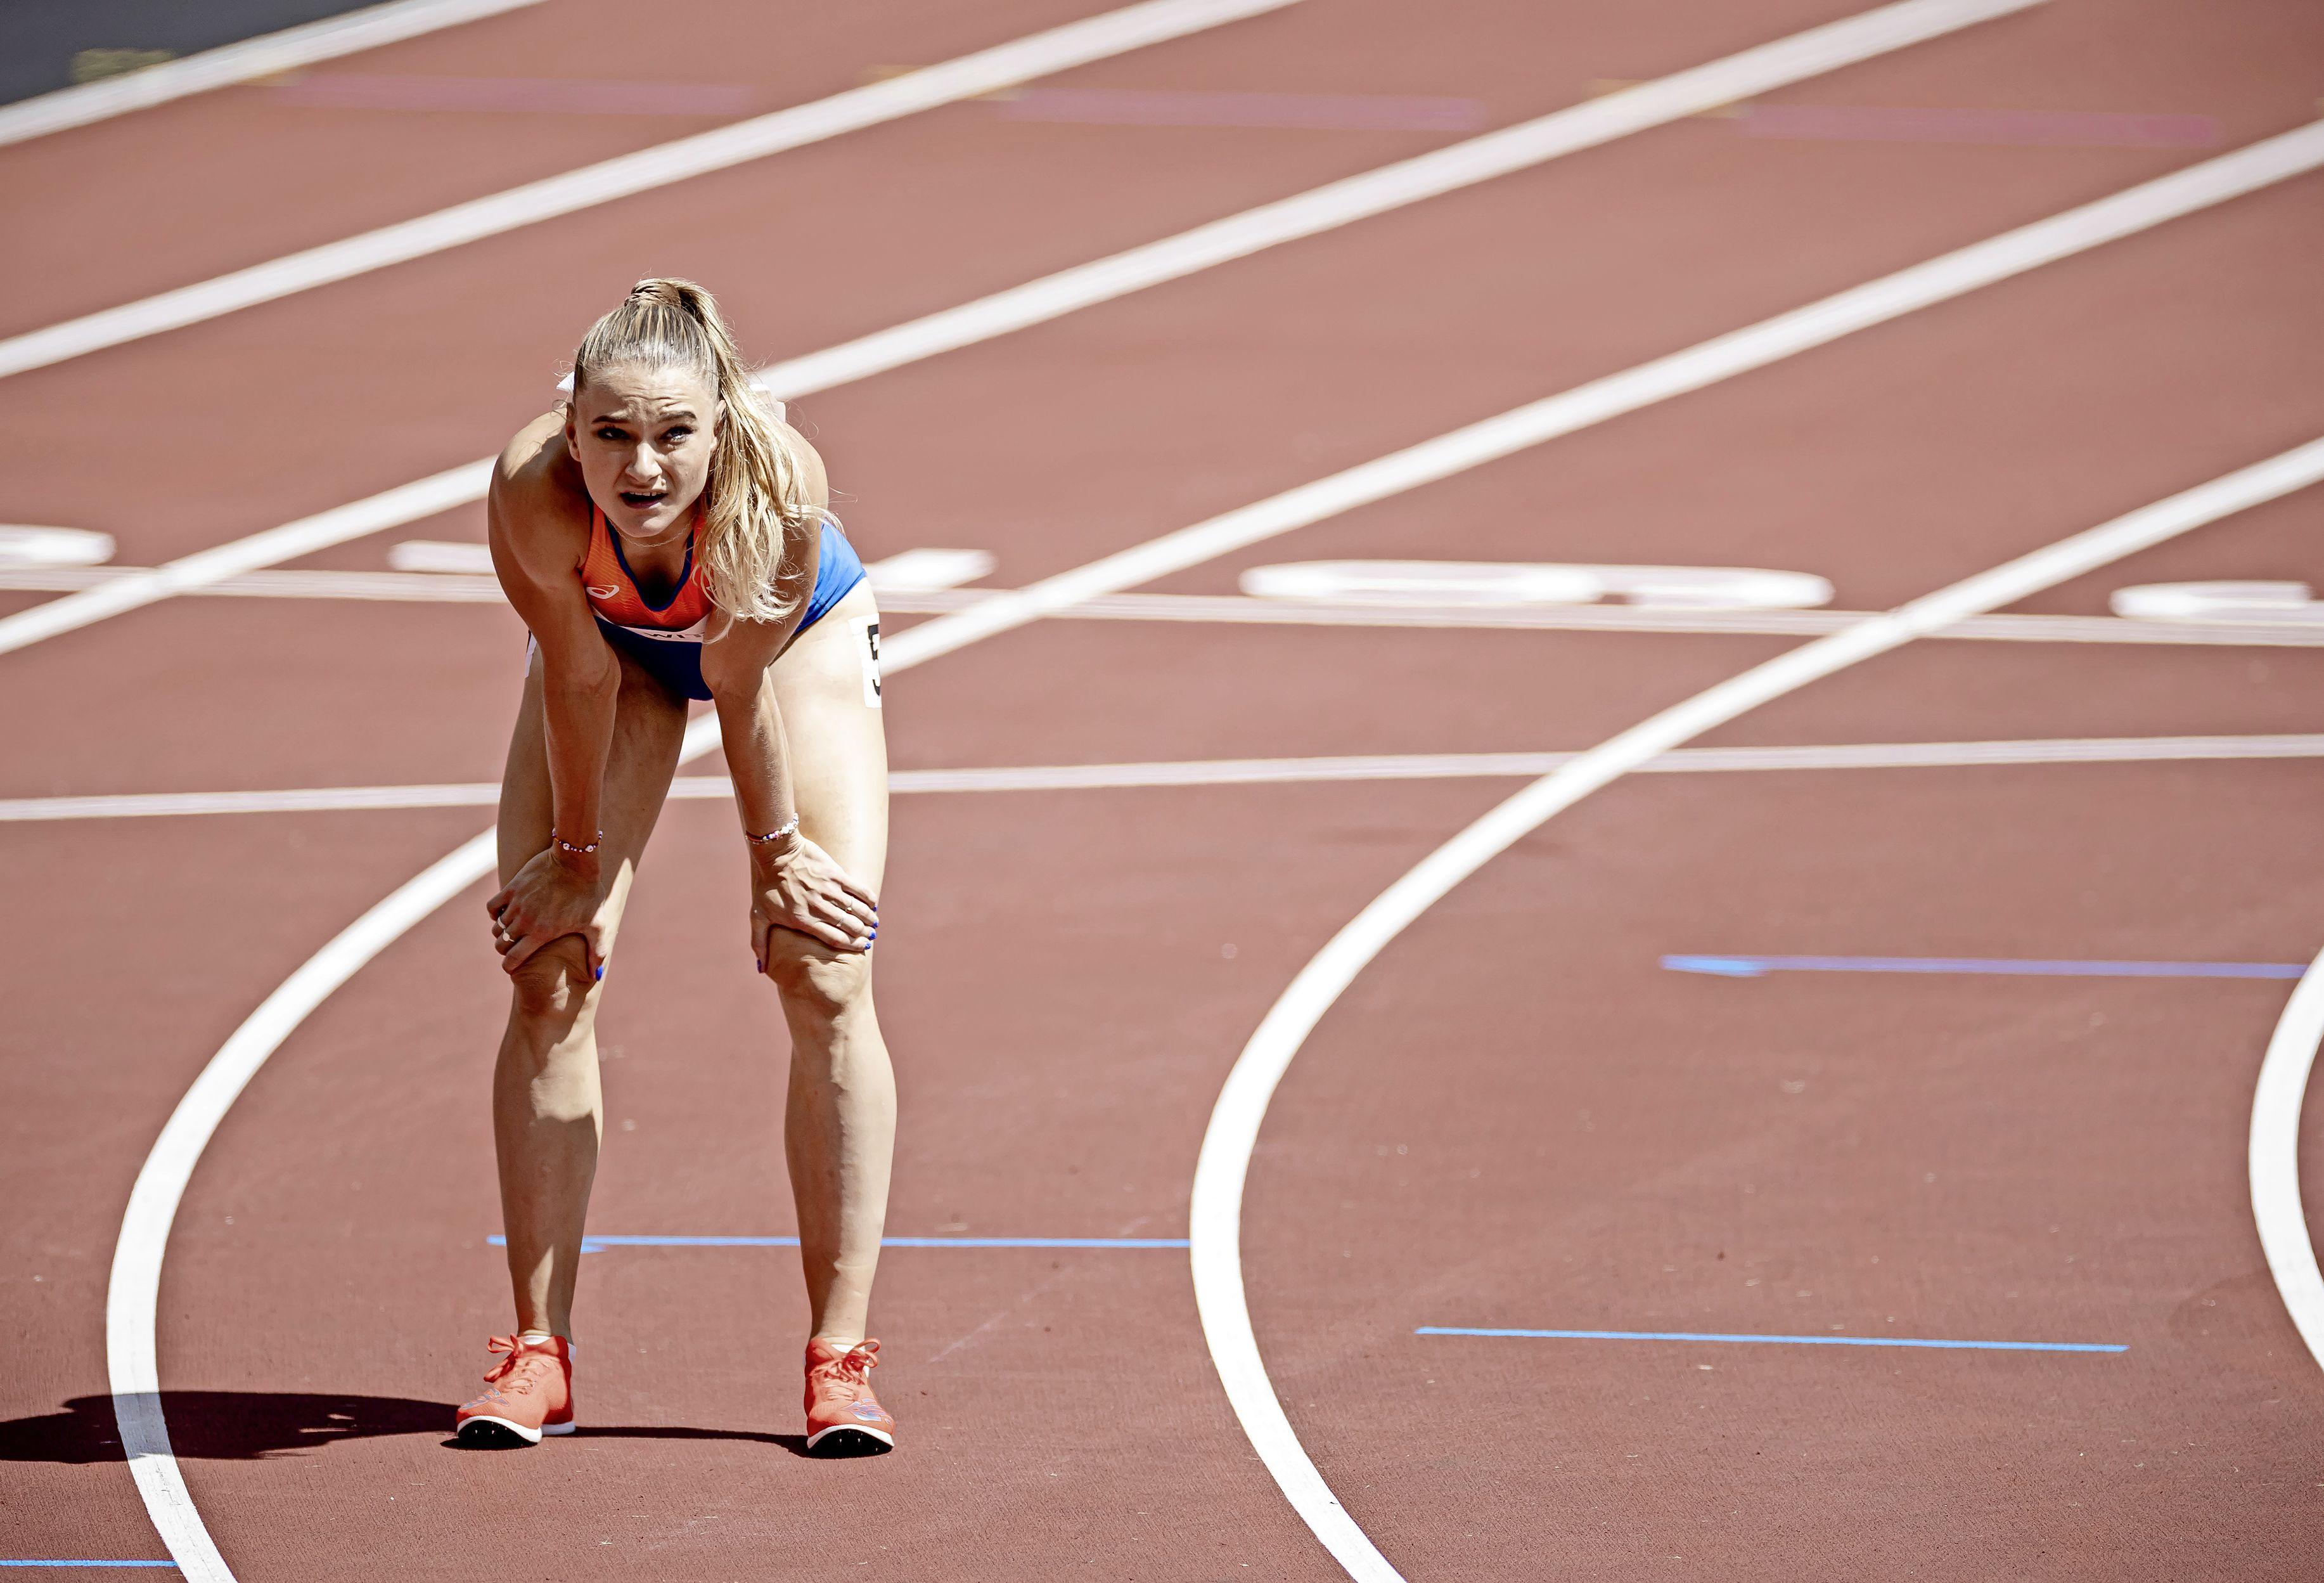 Lieke Klaver en Lisanne de Witte door naar halve finales 400 meter in Tokio [video]